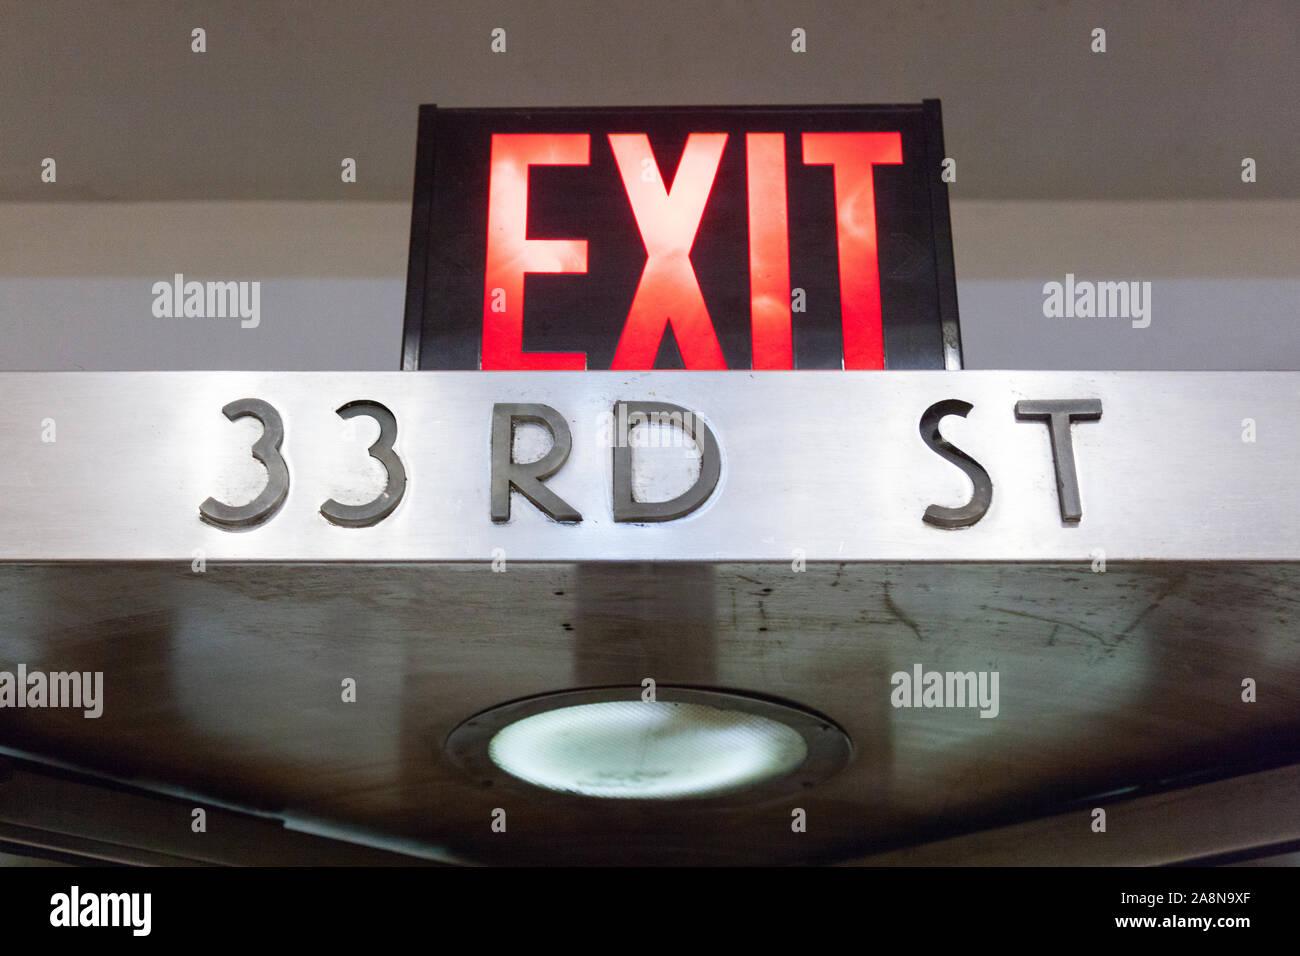 Panneau de sortie sur la 33e rue, l'Hôtel New York, 7e Avenue, New York City, États-Unis d'Amérique. Banque D'Images